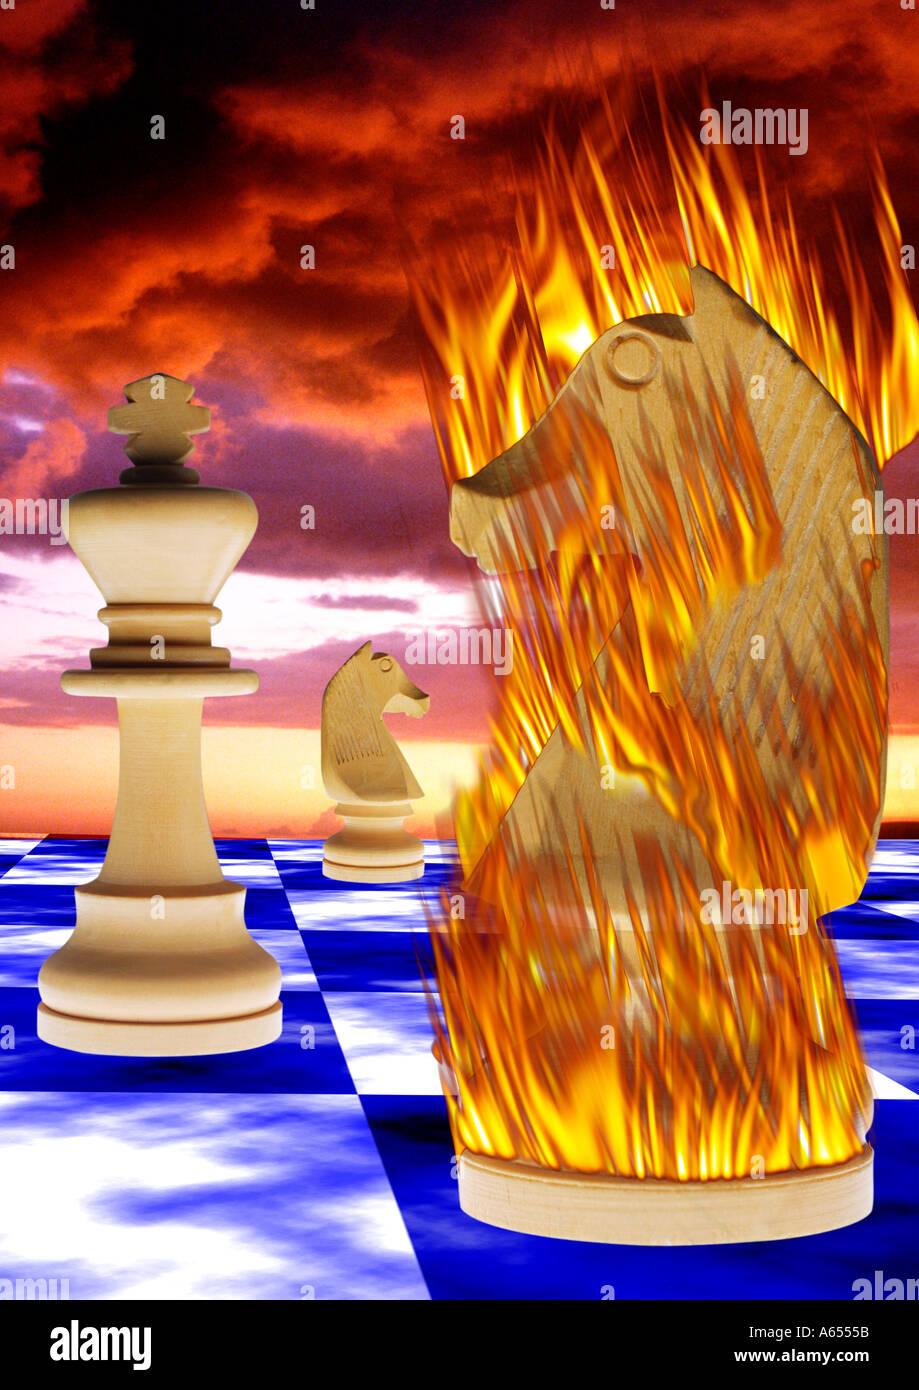 Riesiger Schach Spiel brennen Stück abstrakte Konzept Spezialeffekte Stockbild